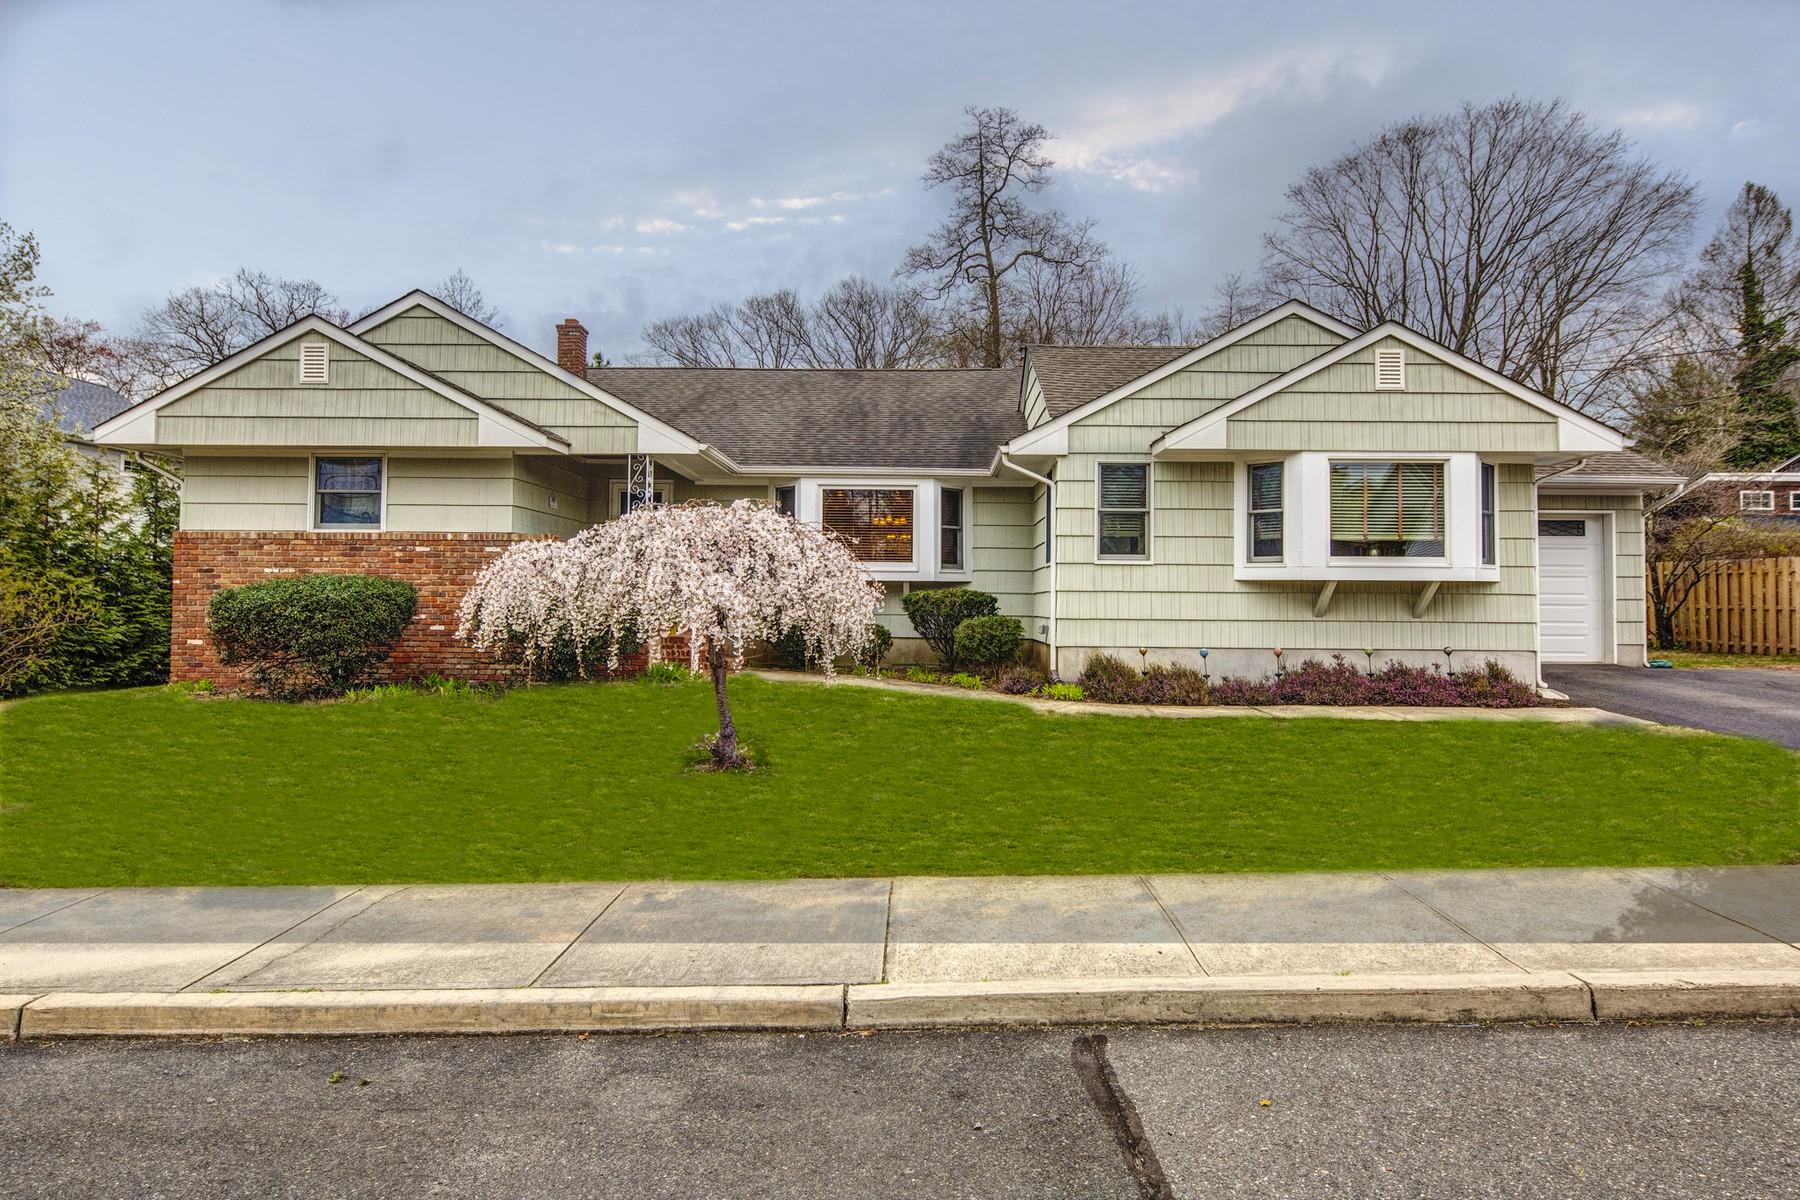 Maison unifamiliale pour l Vente à 48 Beekman Place Fair Haven, New Jersey 07704 États-Unis